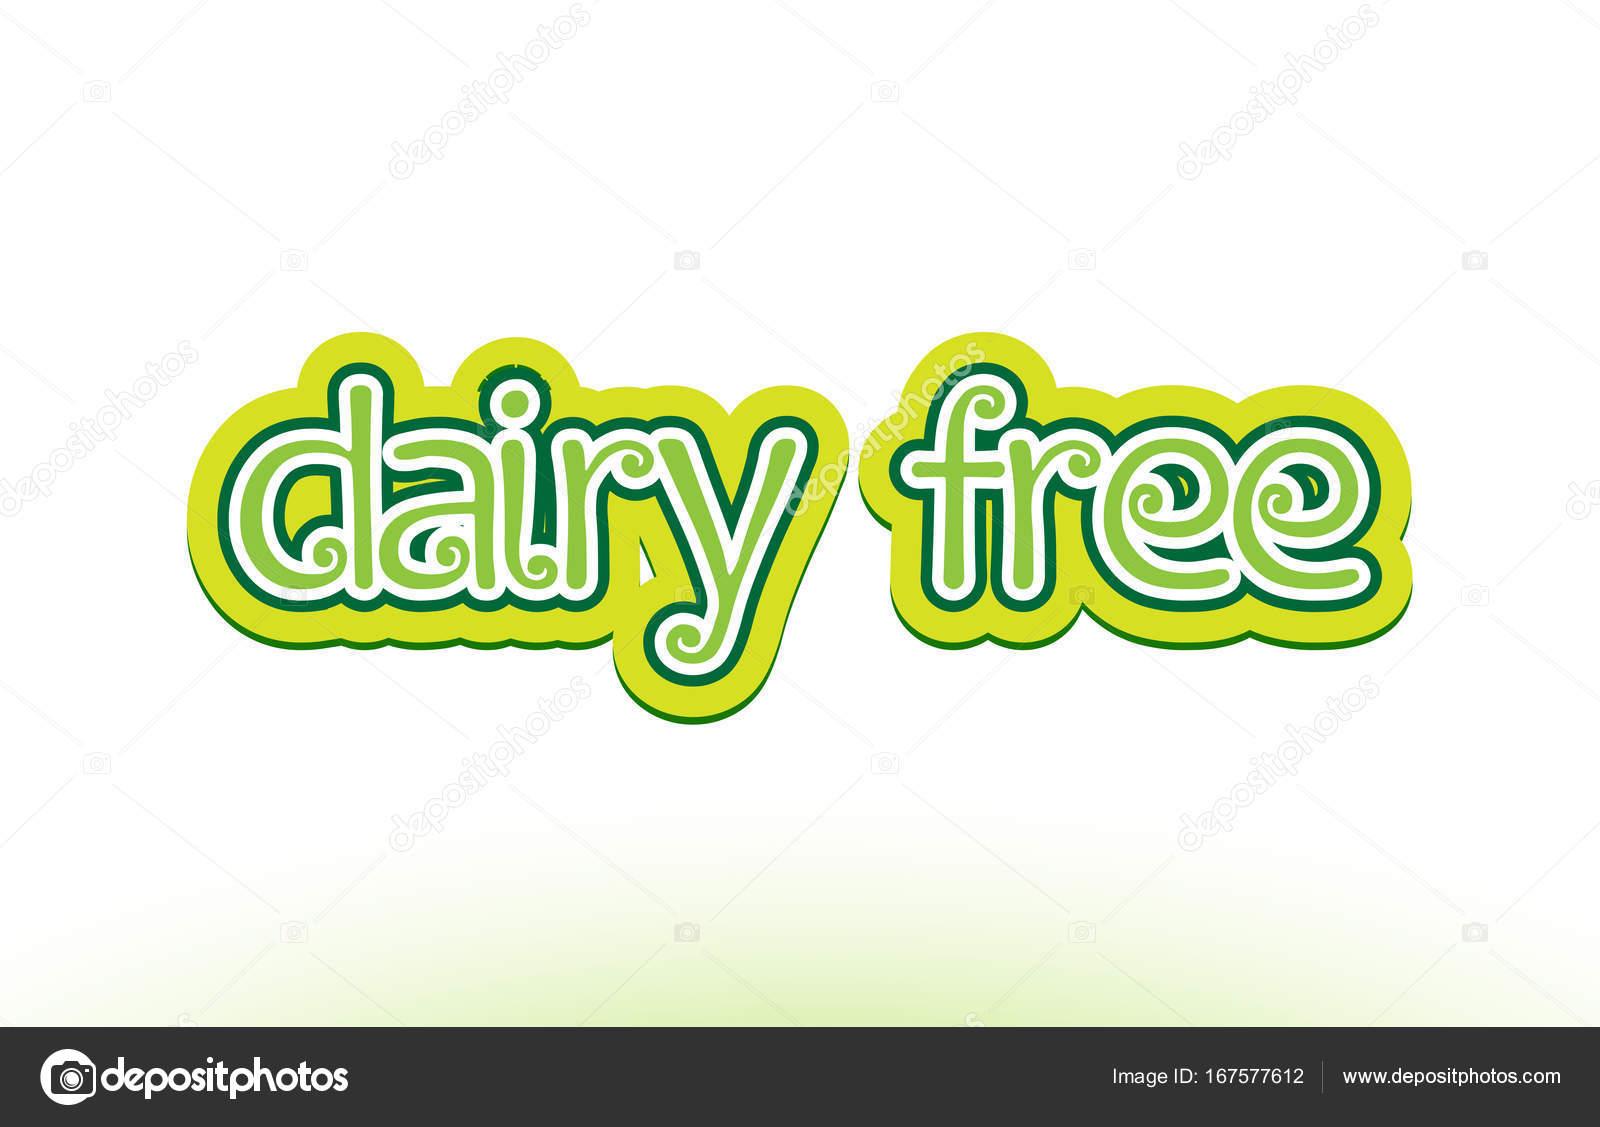 Molkerei freies Wort Text Logo Symbol Typografie-design ...